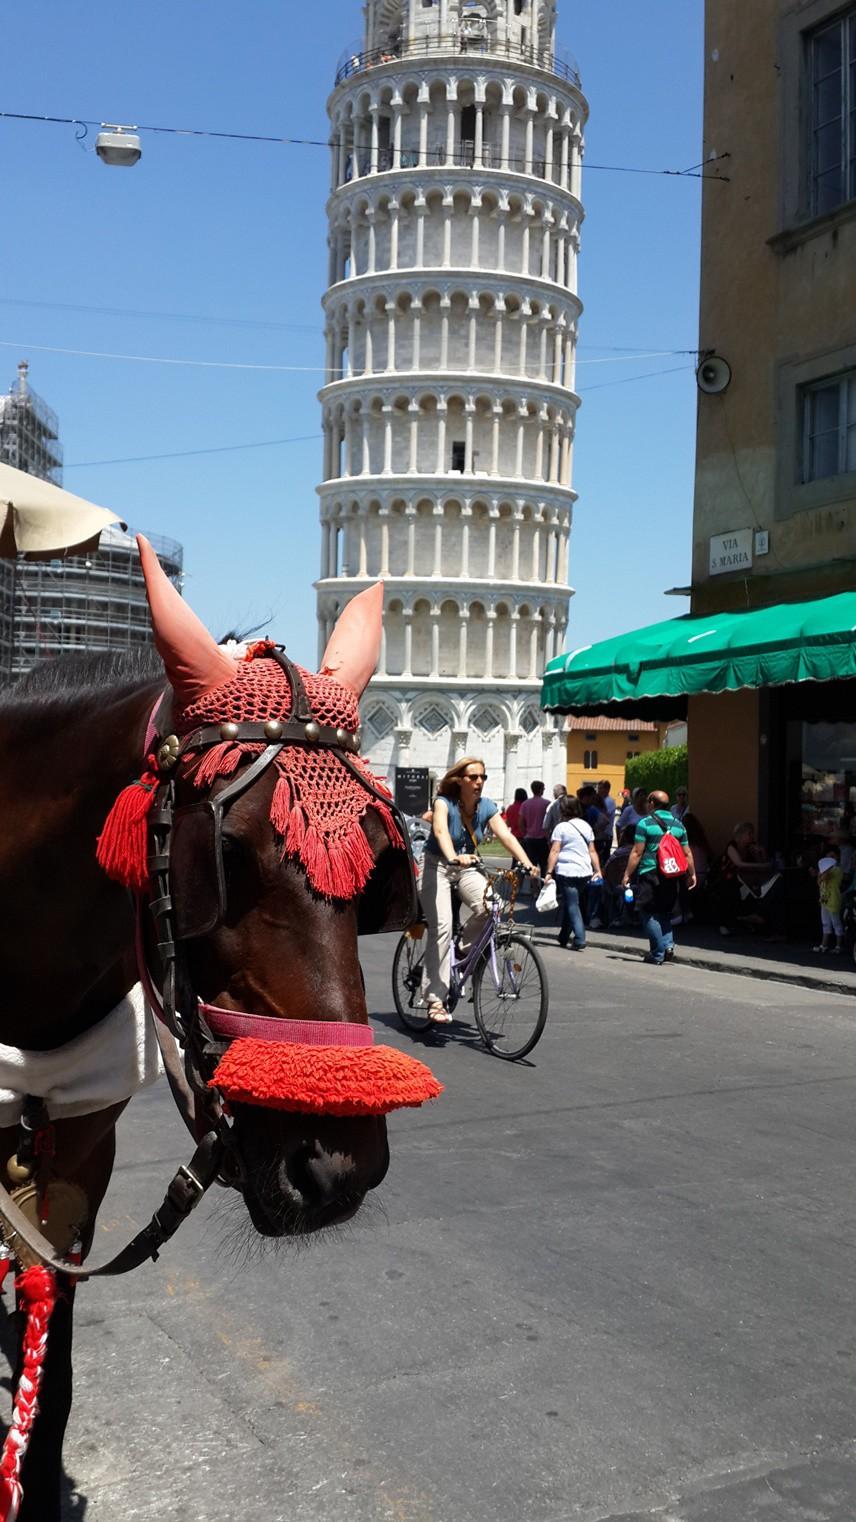 BURASI İNSANI ŞIMARTIYOR Oturduğum kafeden Pisa Kulesi'ne bakarken, dünyanın en çok merak edilen simgelerinden birine karşı afiyetle yemek yemenin şımarıklığını yaşadım.